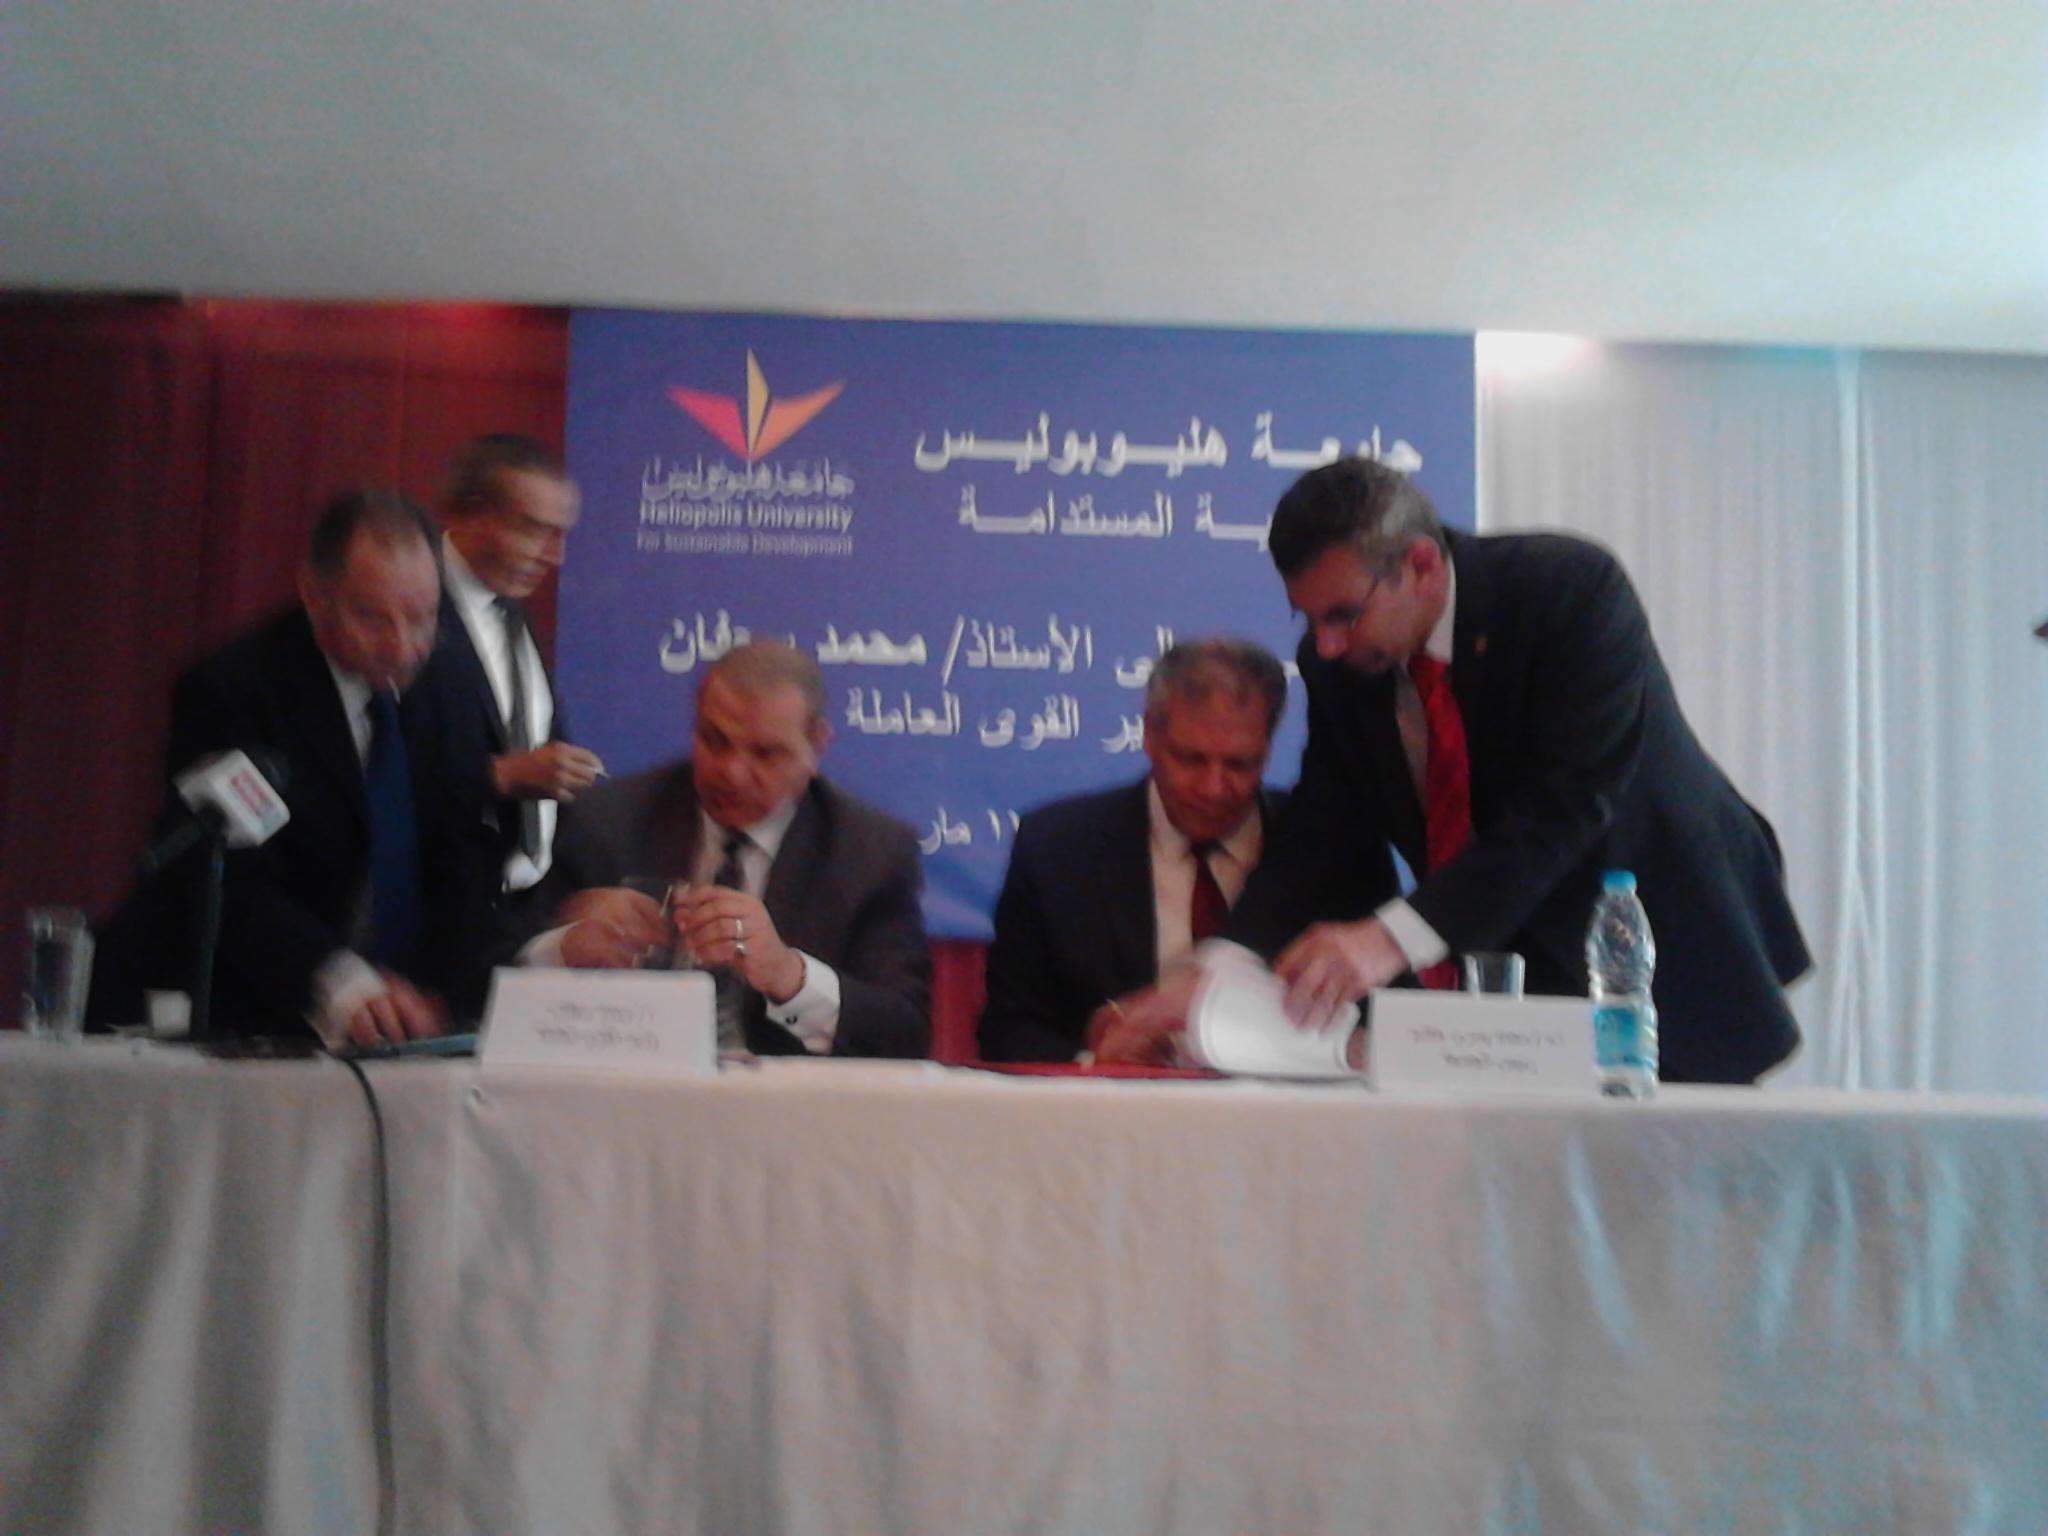 توقيع بروتوكولى تعاون بين القوى العاملة وجامعة هوليوبوليس  (1)